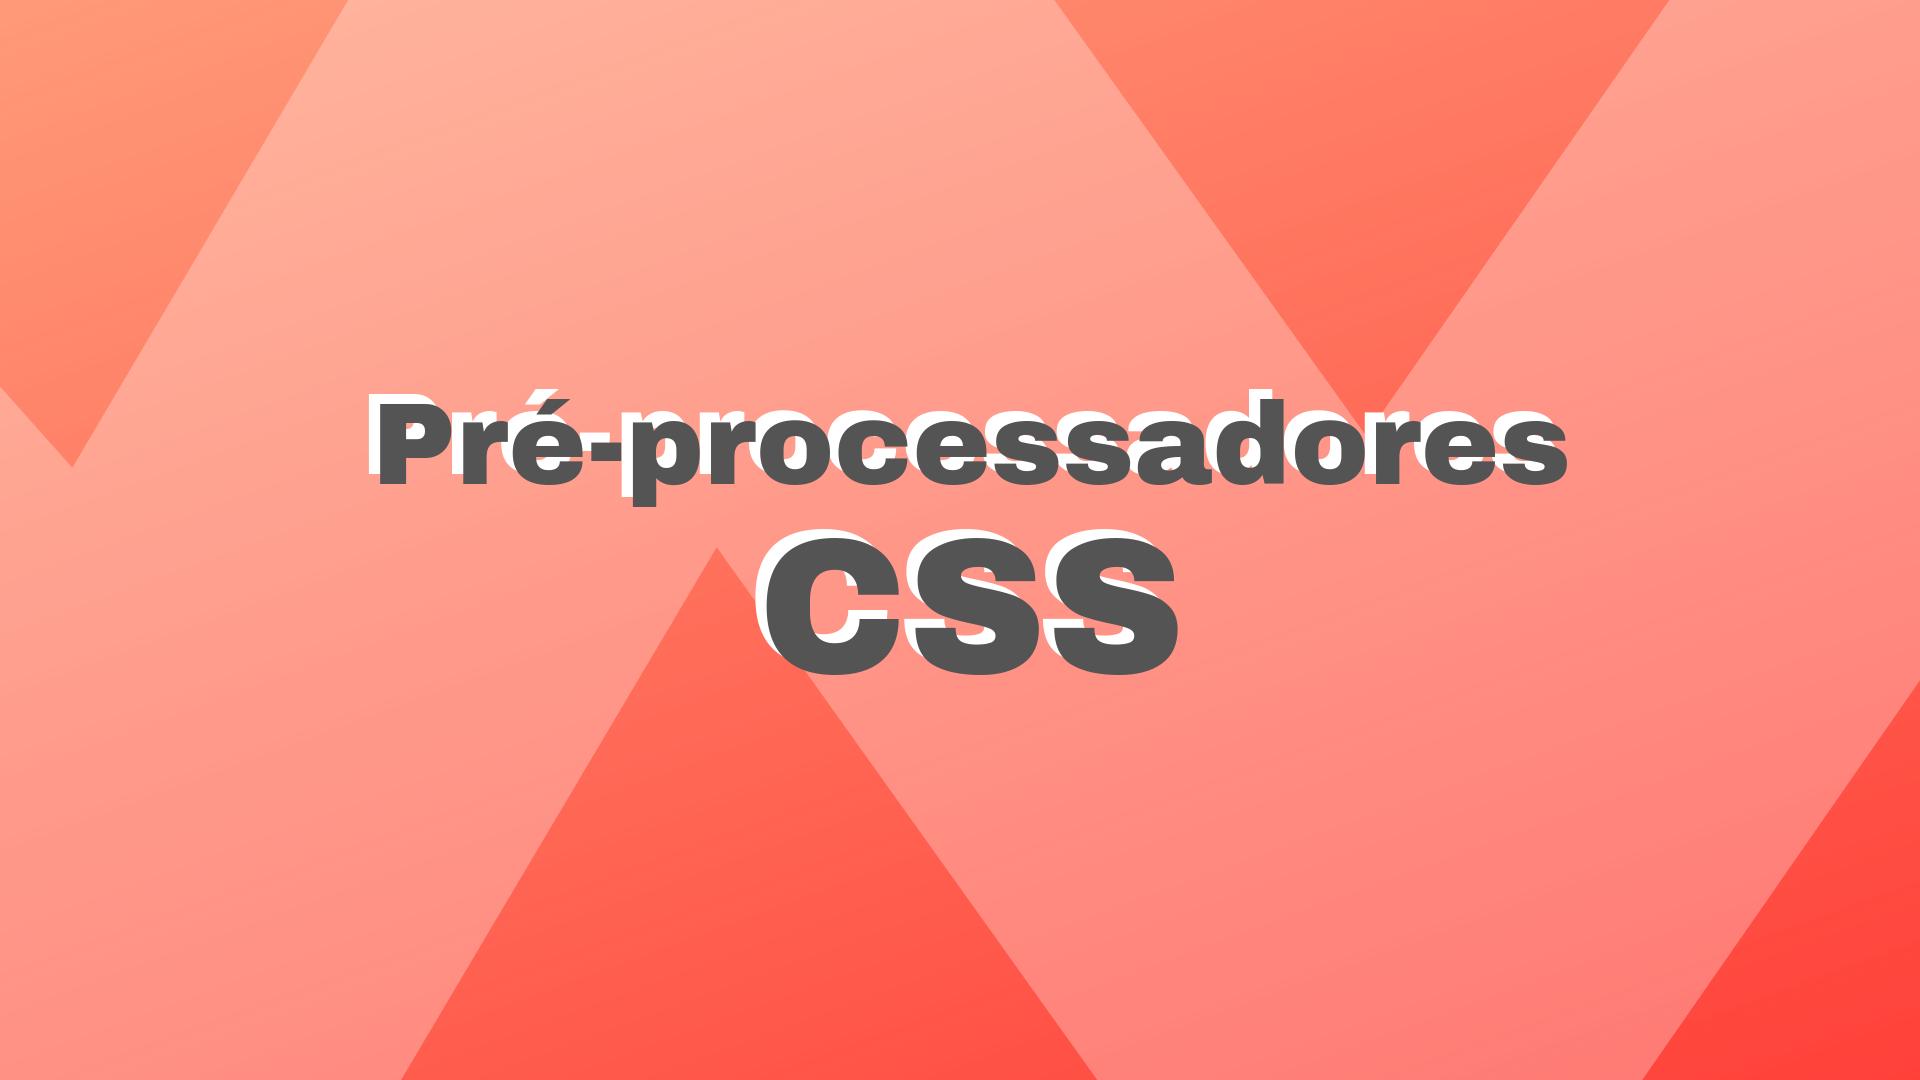 Pré-processador CSS: Sass o que é e por onde começar?